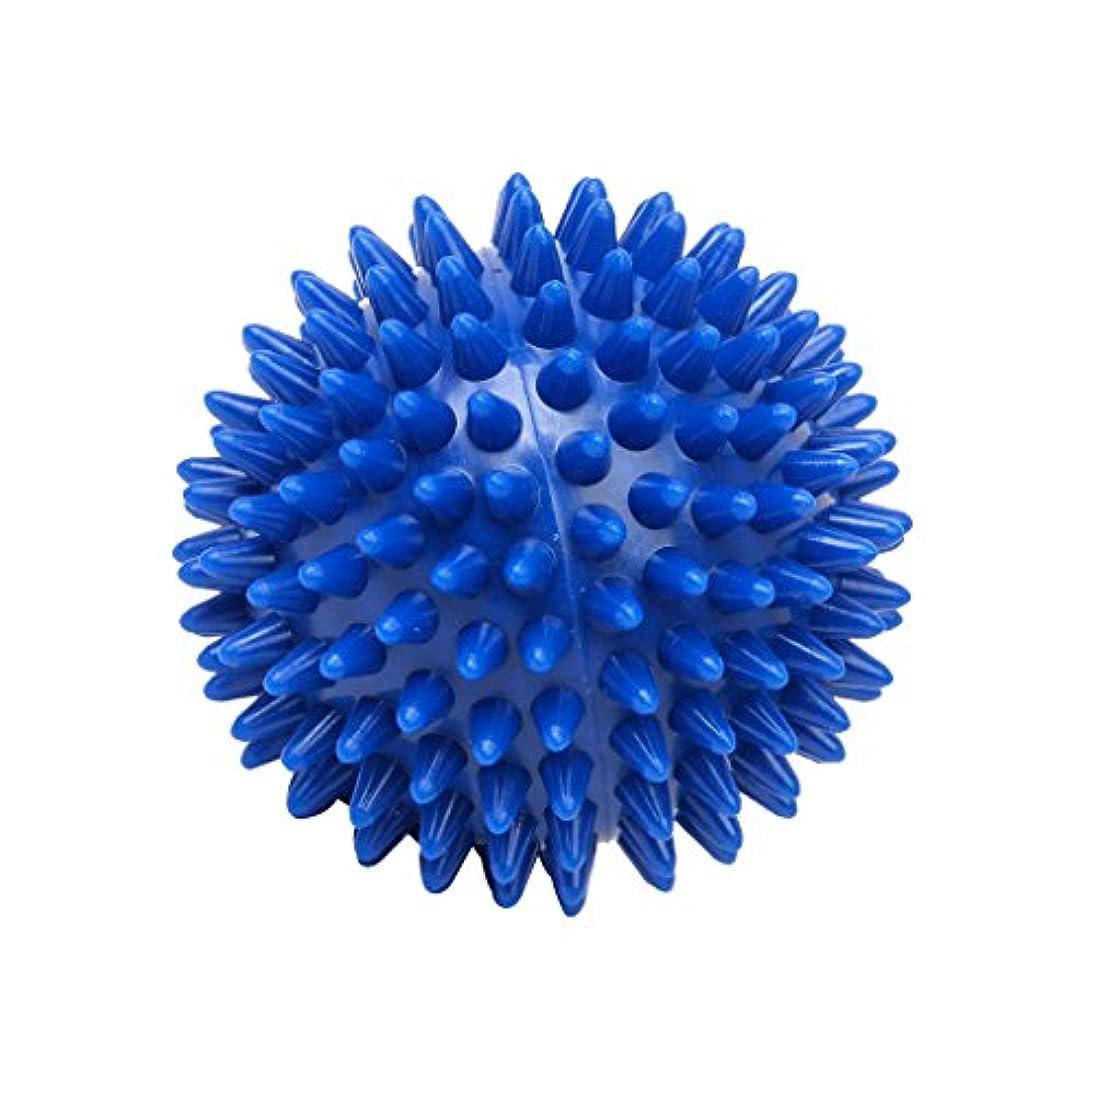 トランク値近所のFootful マッサージボール 健康グッズ 健康器具 血液循環促進 緊張緩和 7cm ブルー